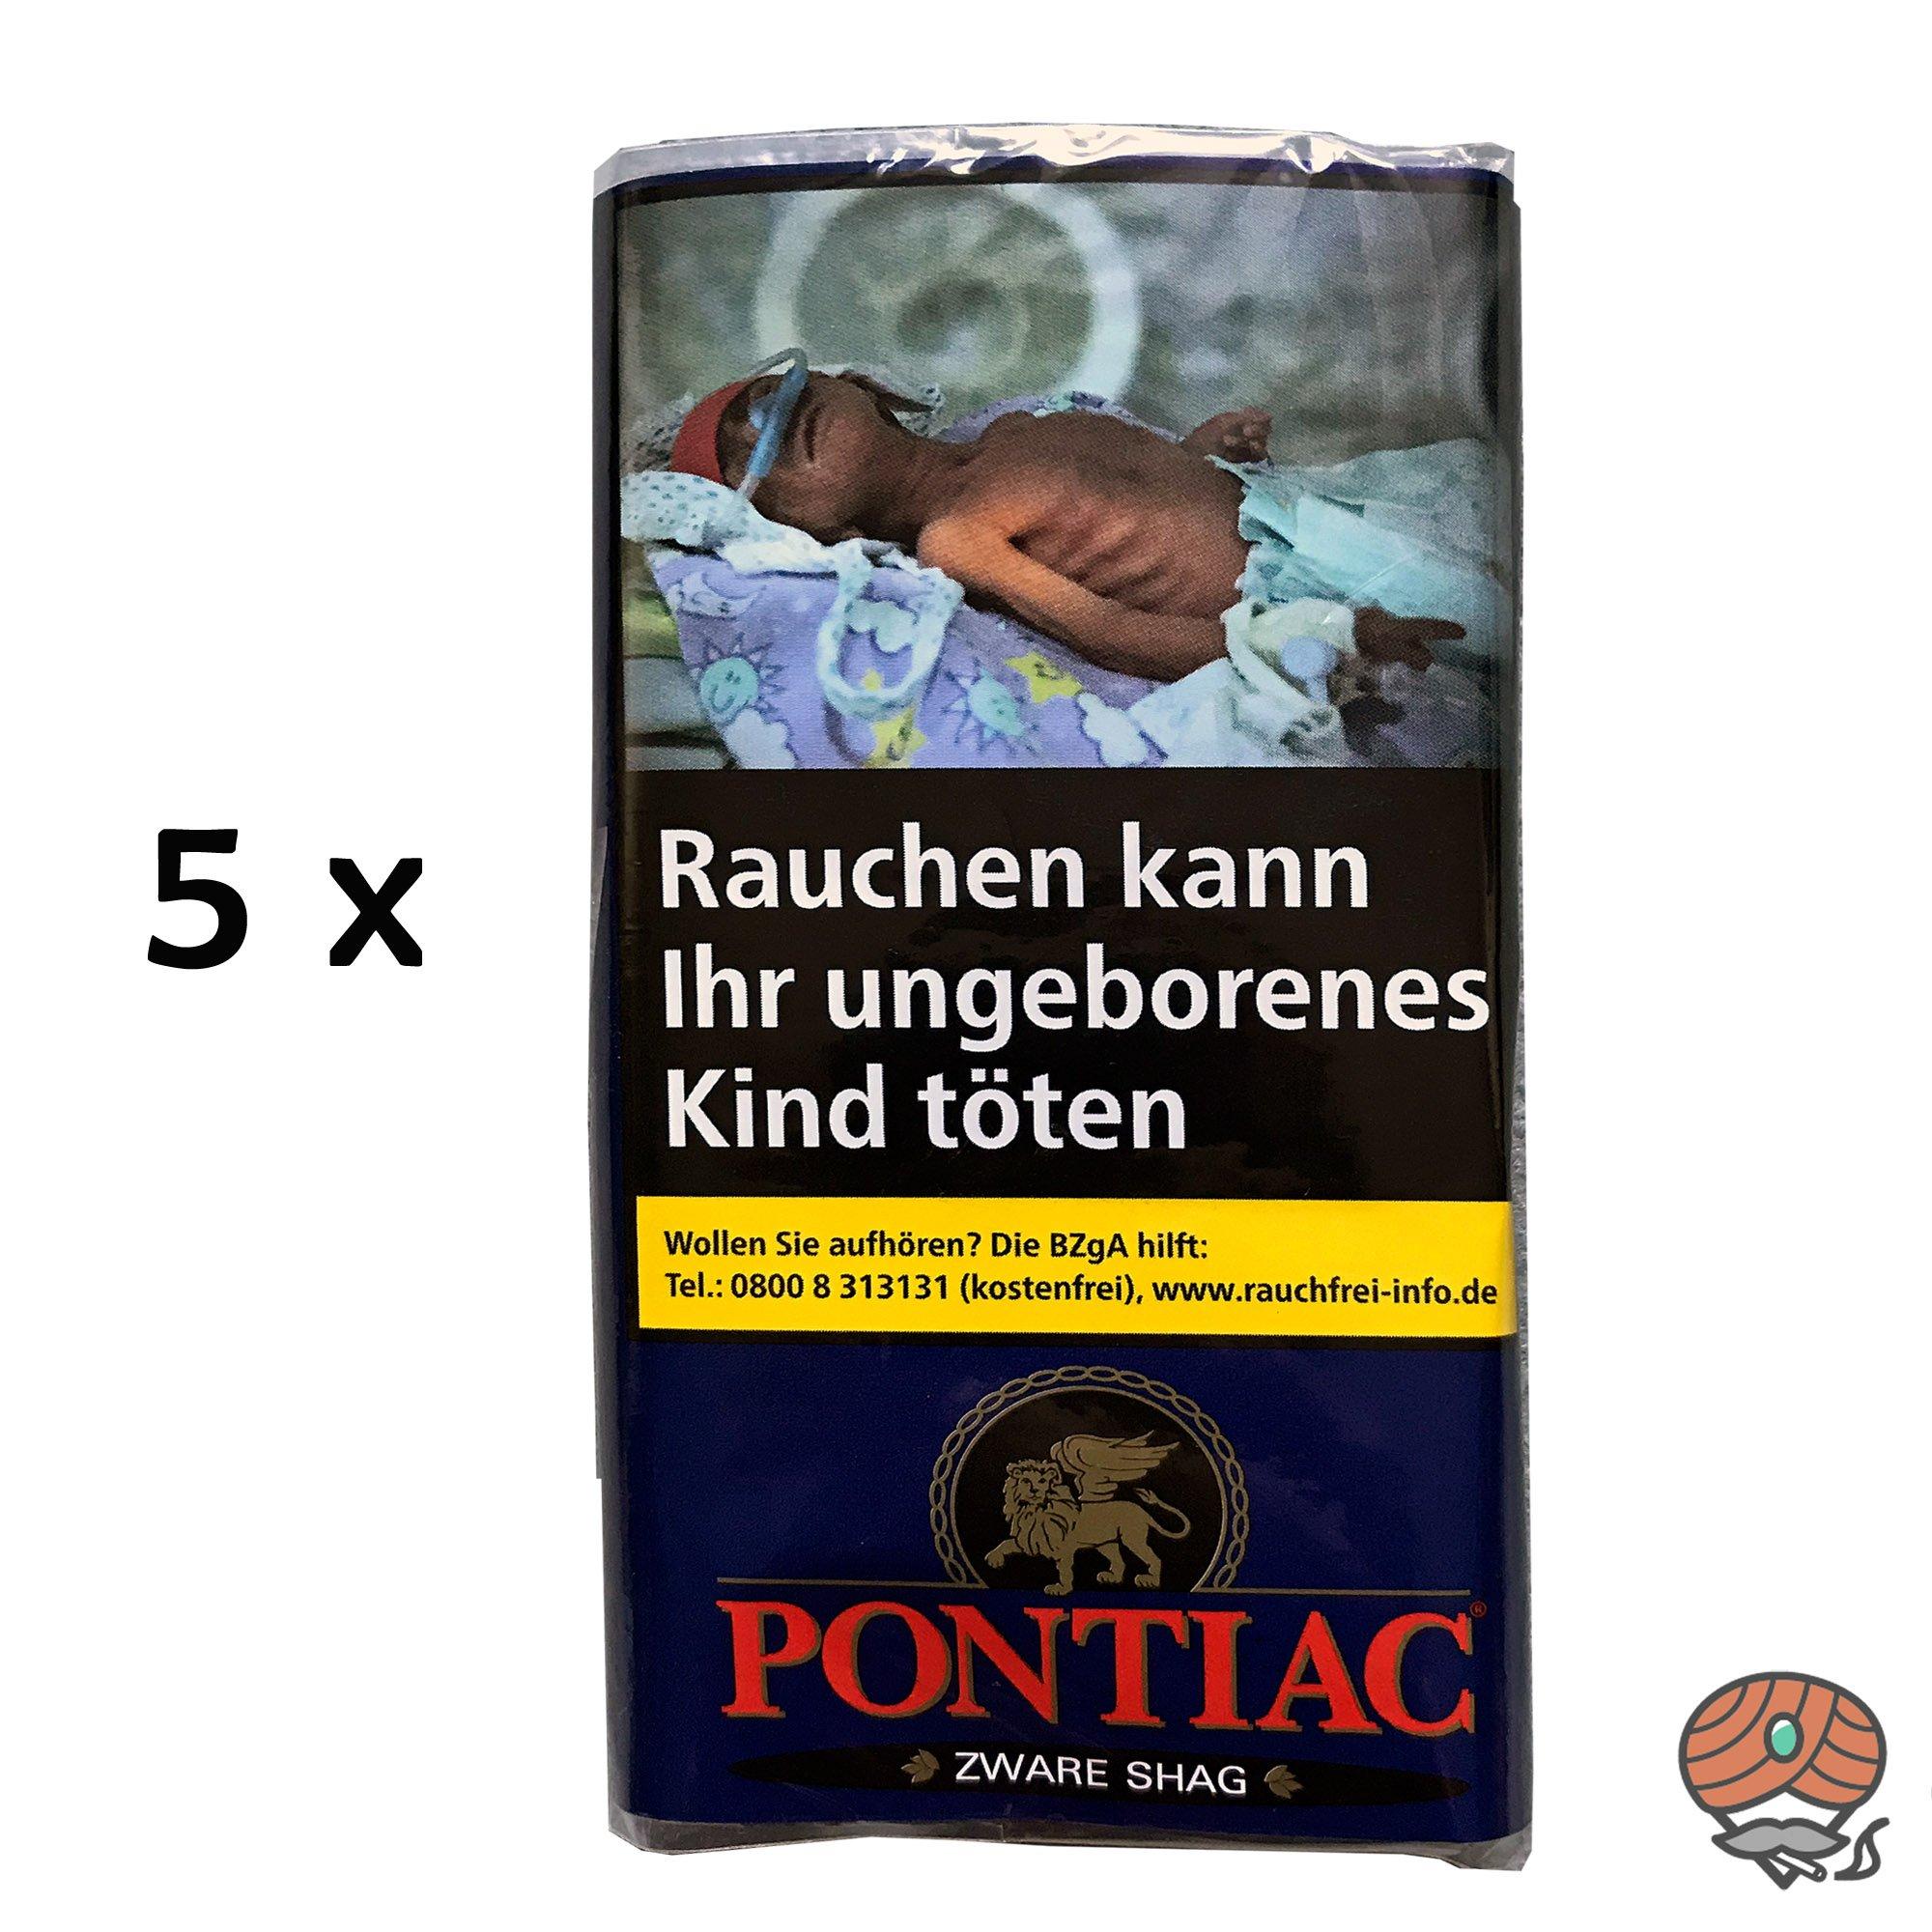 5x Pontiac Zware Shag 30g Drehtabak Beutel